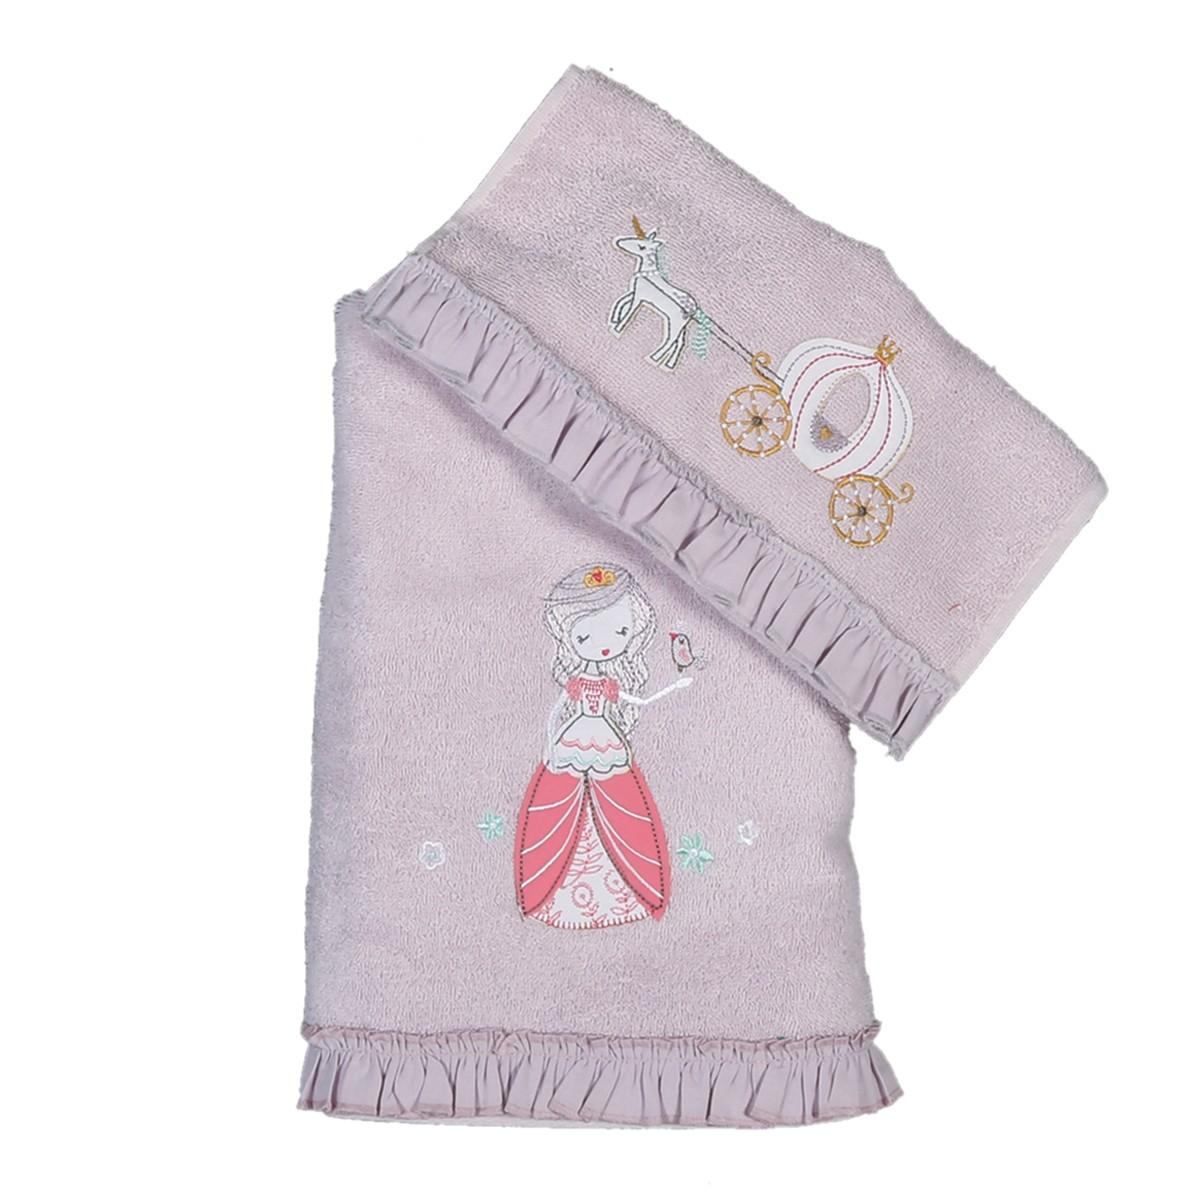 Παιδικές Πετσέτες (Σετ) Nef-Nef Junior Charm Princess